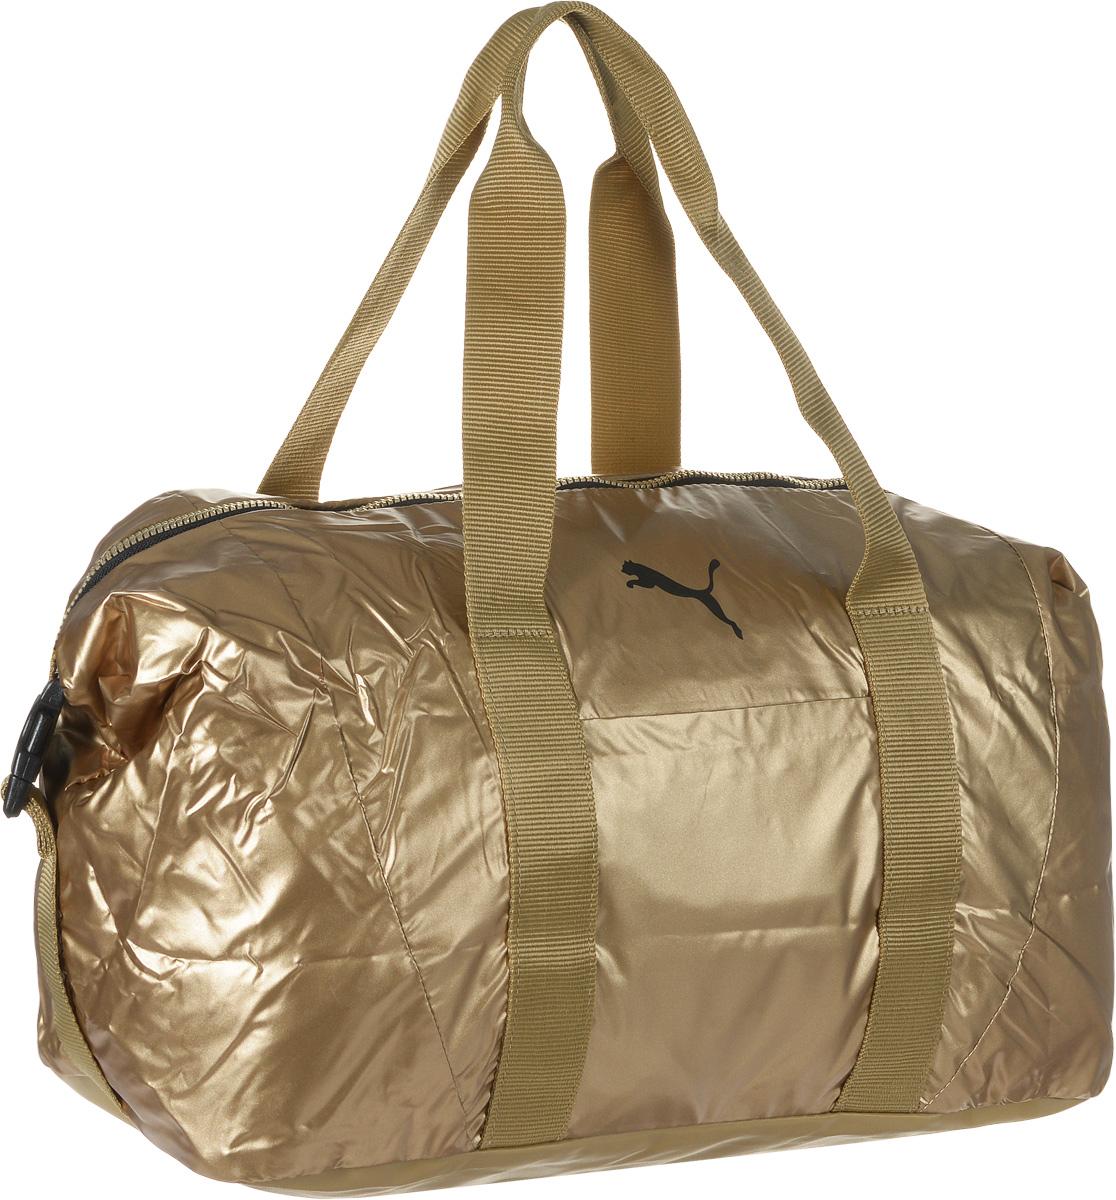 Сумка спортивная женская Puma Fit AT Workout Bag, цвет: золотой. 0741370207413702Вместительная сумка Fit AT Workout Bag от Puma - удобный аксессуар для занятий спортом. Модель выполнена из непромокаемого нейлона, декорирована логотипом Puma Cat и цветными язычками застежек-молний с названием бренда. Сумка имеет главное отделение на молнии с двумя бегунками, накладной карман спереди, конструкцию с пластиковой пряжкой сбоку для изменения размера и формы сумки, карман на молнии и карман на липучке внутри и мягкие ручки для переноски из основного материала изделия. Функциональная подкладка из полиэстера некоторых отделений, водоотталкивающее покрытие нижней части обеспечивают максимум удобства. Сумка очень эргономична, поэтому вы сможете разместить все необходимое для тренировки. Основанный в 1948 году бренд Puma стал выбором многих героев мирового спорта. Дизайн Puma сосредоточен на стиле и функциональности моделей, поэтому коллекции брендовой одежды и обуви сочетают современный стиль с инновационными спортивными технологиями.